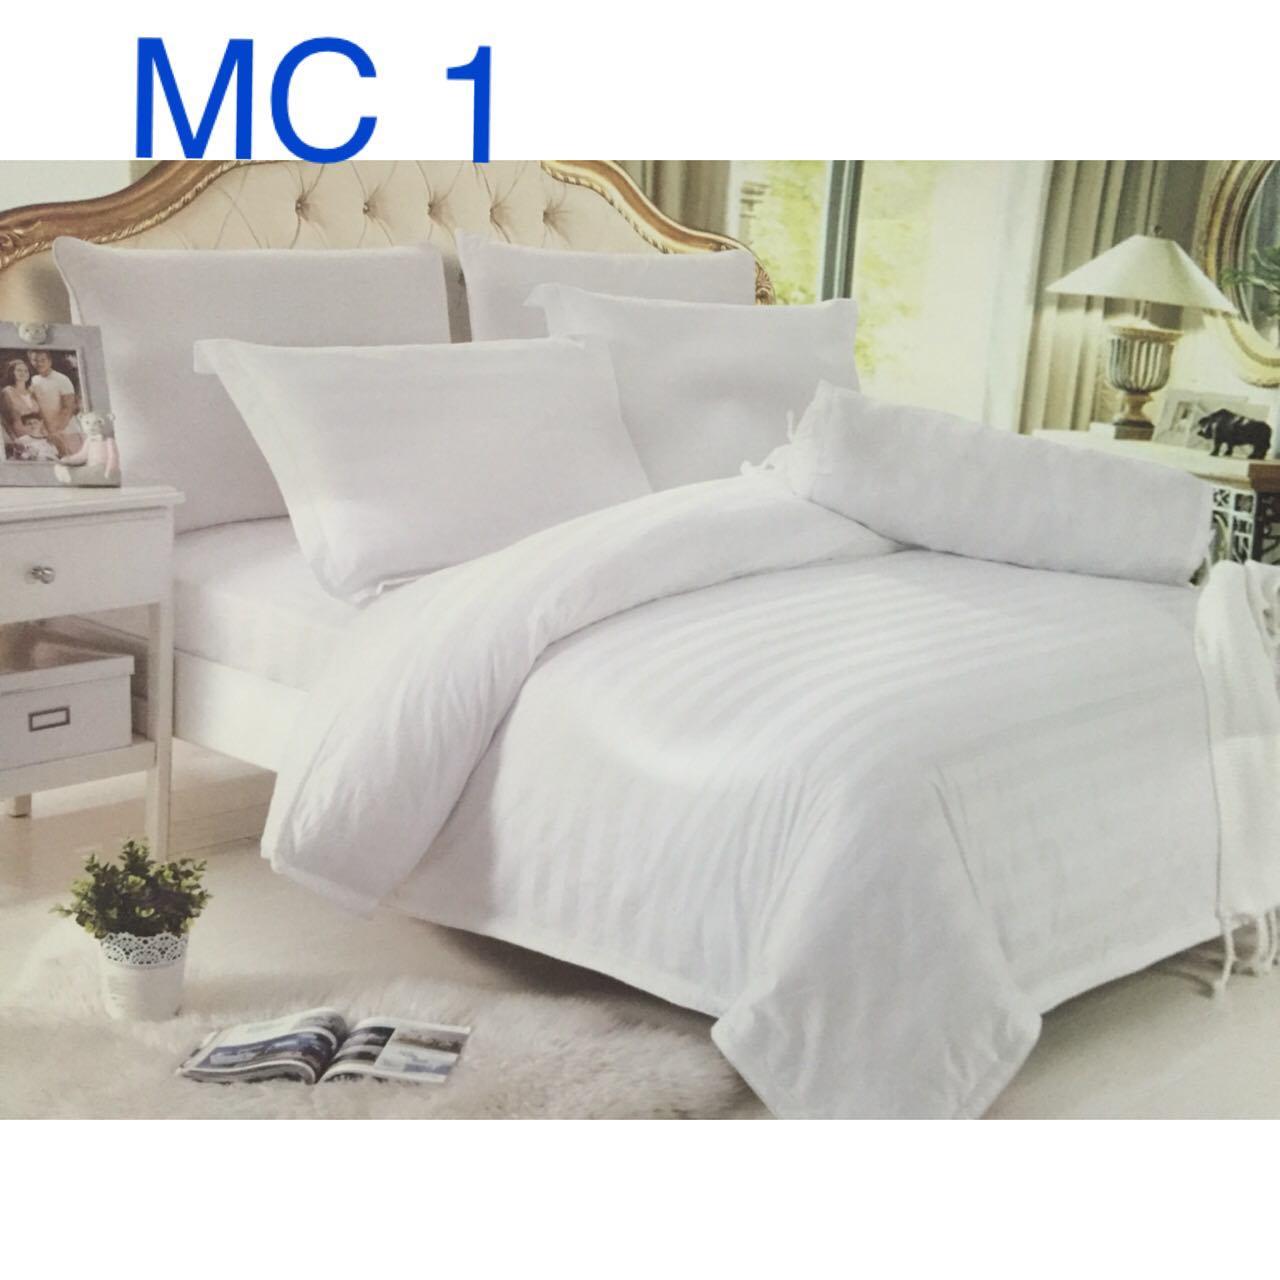 Chăn ga trắng sọc chìm 3cm - Kí hiệu: MC1